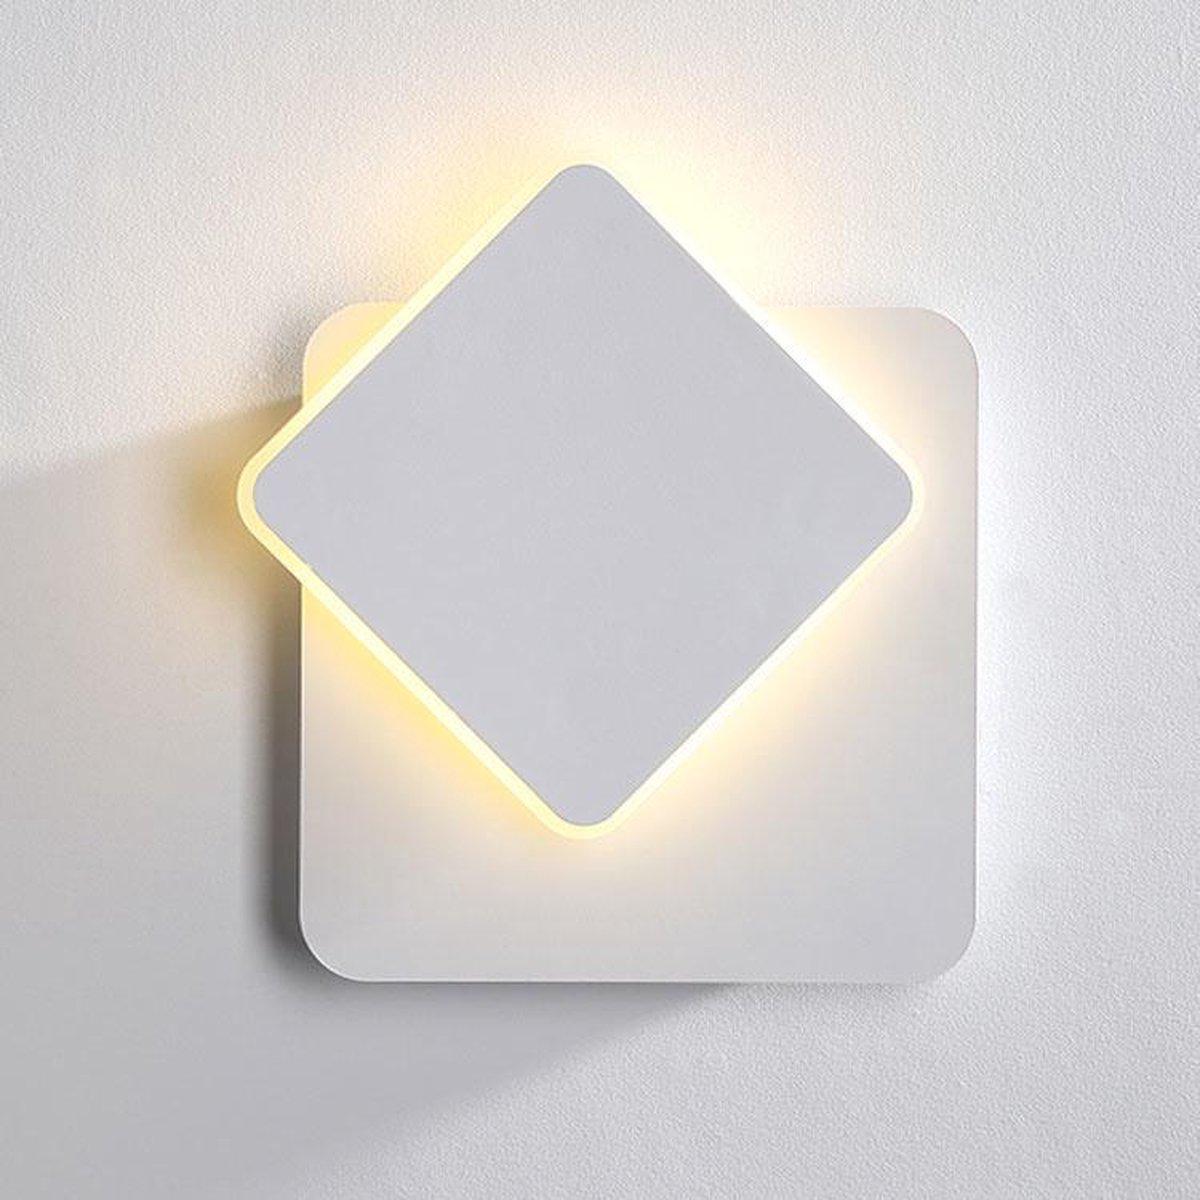 | Wandlamp LED Design Wit Vierkant Aluminium